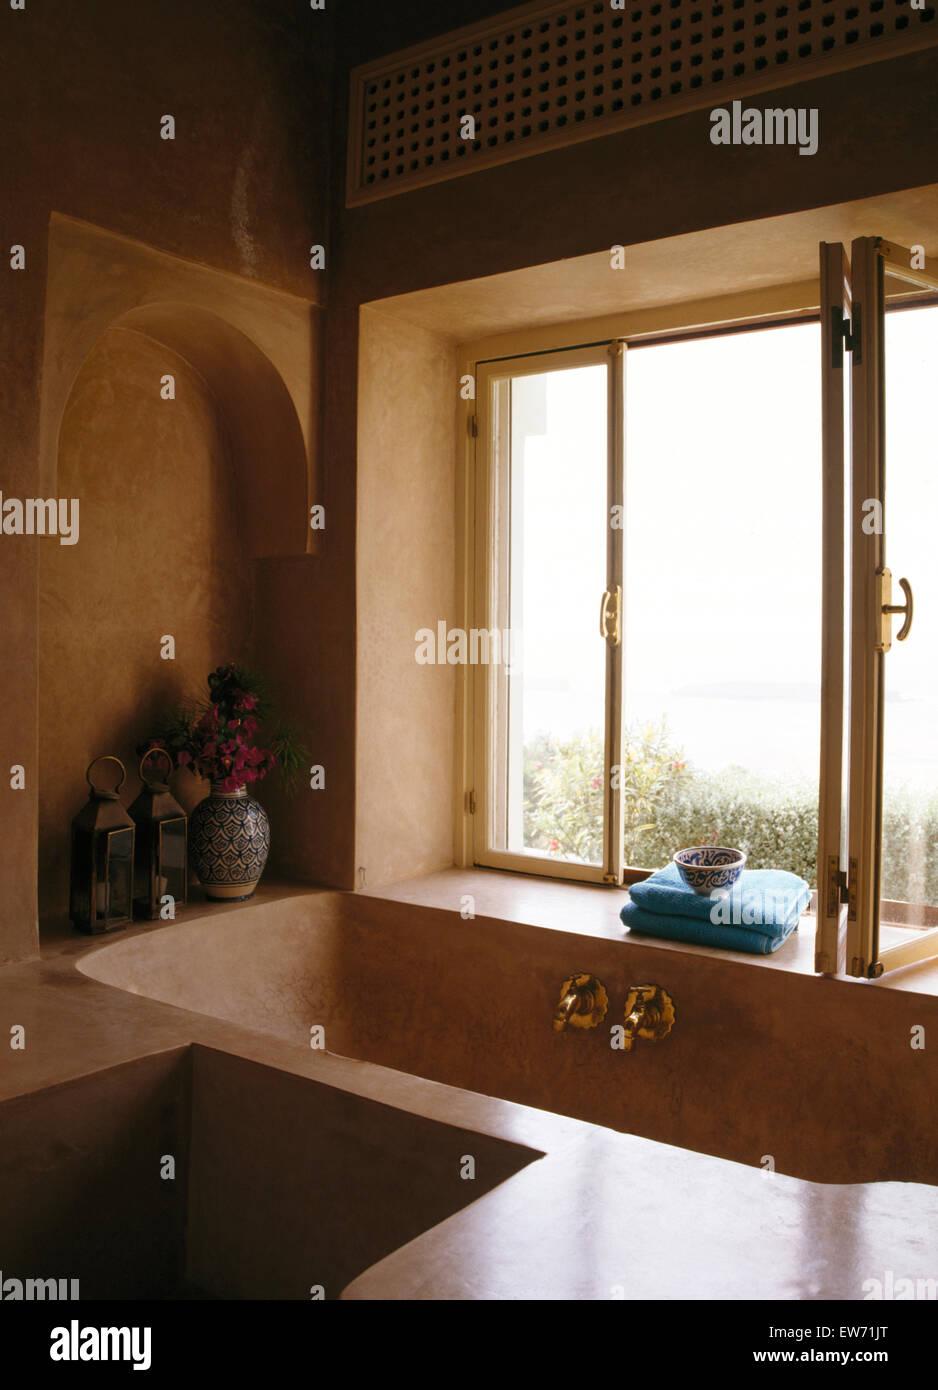 Modern moroccan bathroom - Moulded Polished Concrete Bath Below Window In Modern Moroccan Bathroom